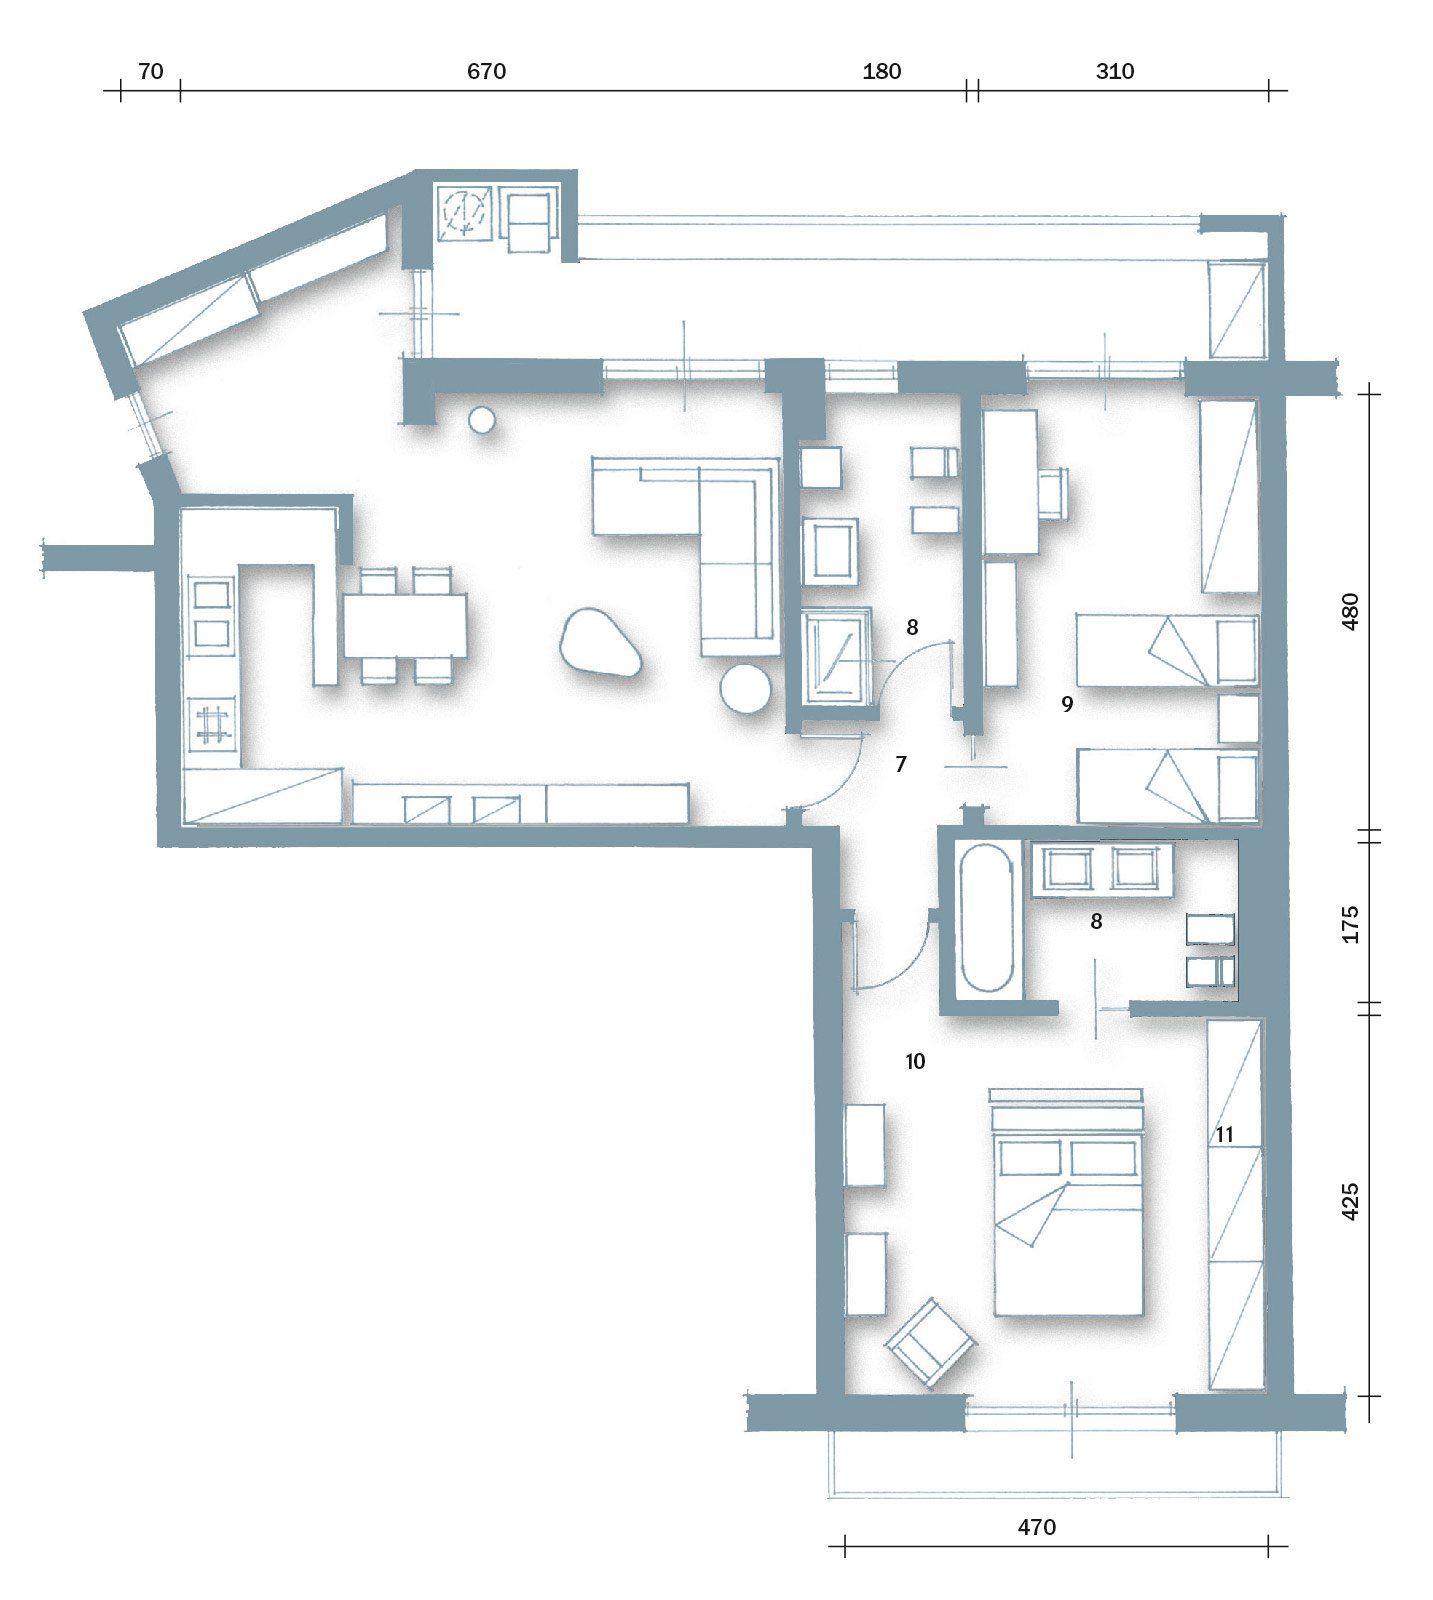 Informazione: Progetto Casa 85 Mq